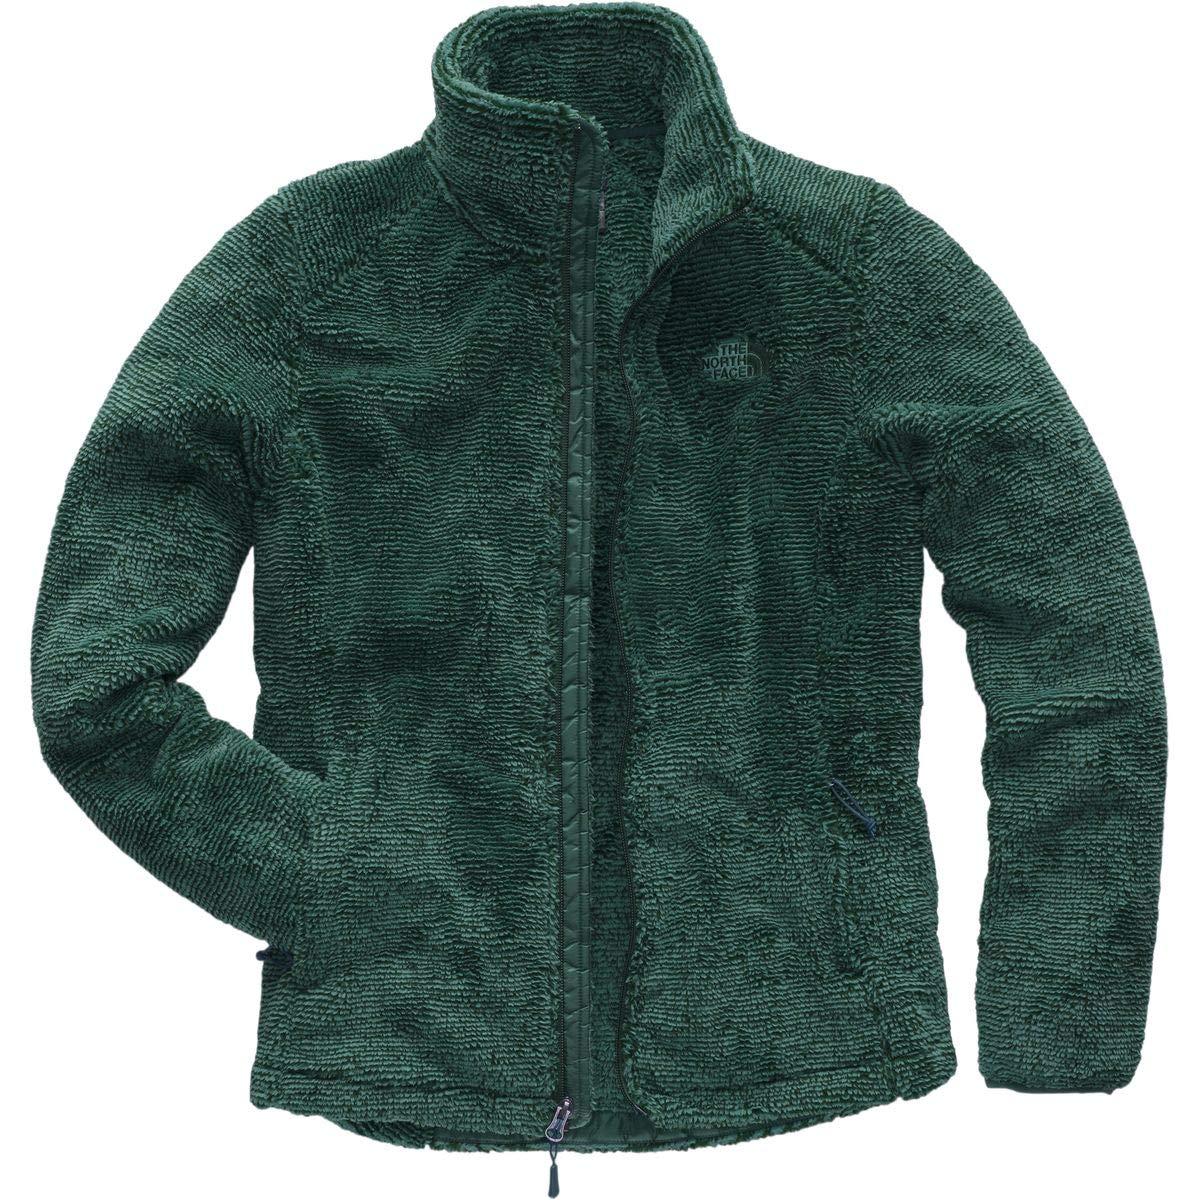 Botanical Garden Green North Face Women's TechOsito Jacket